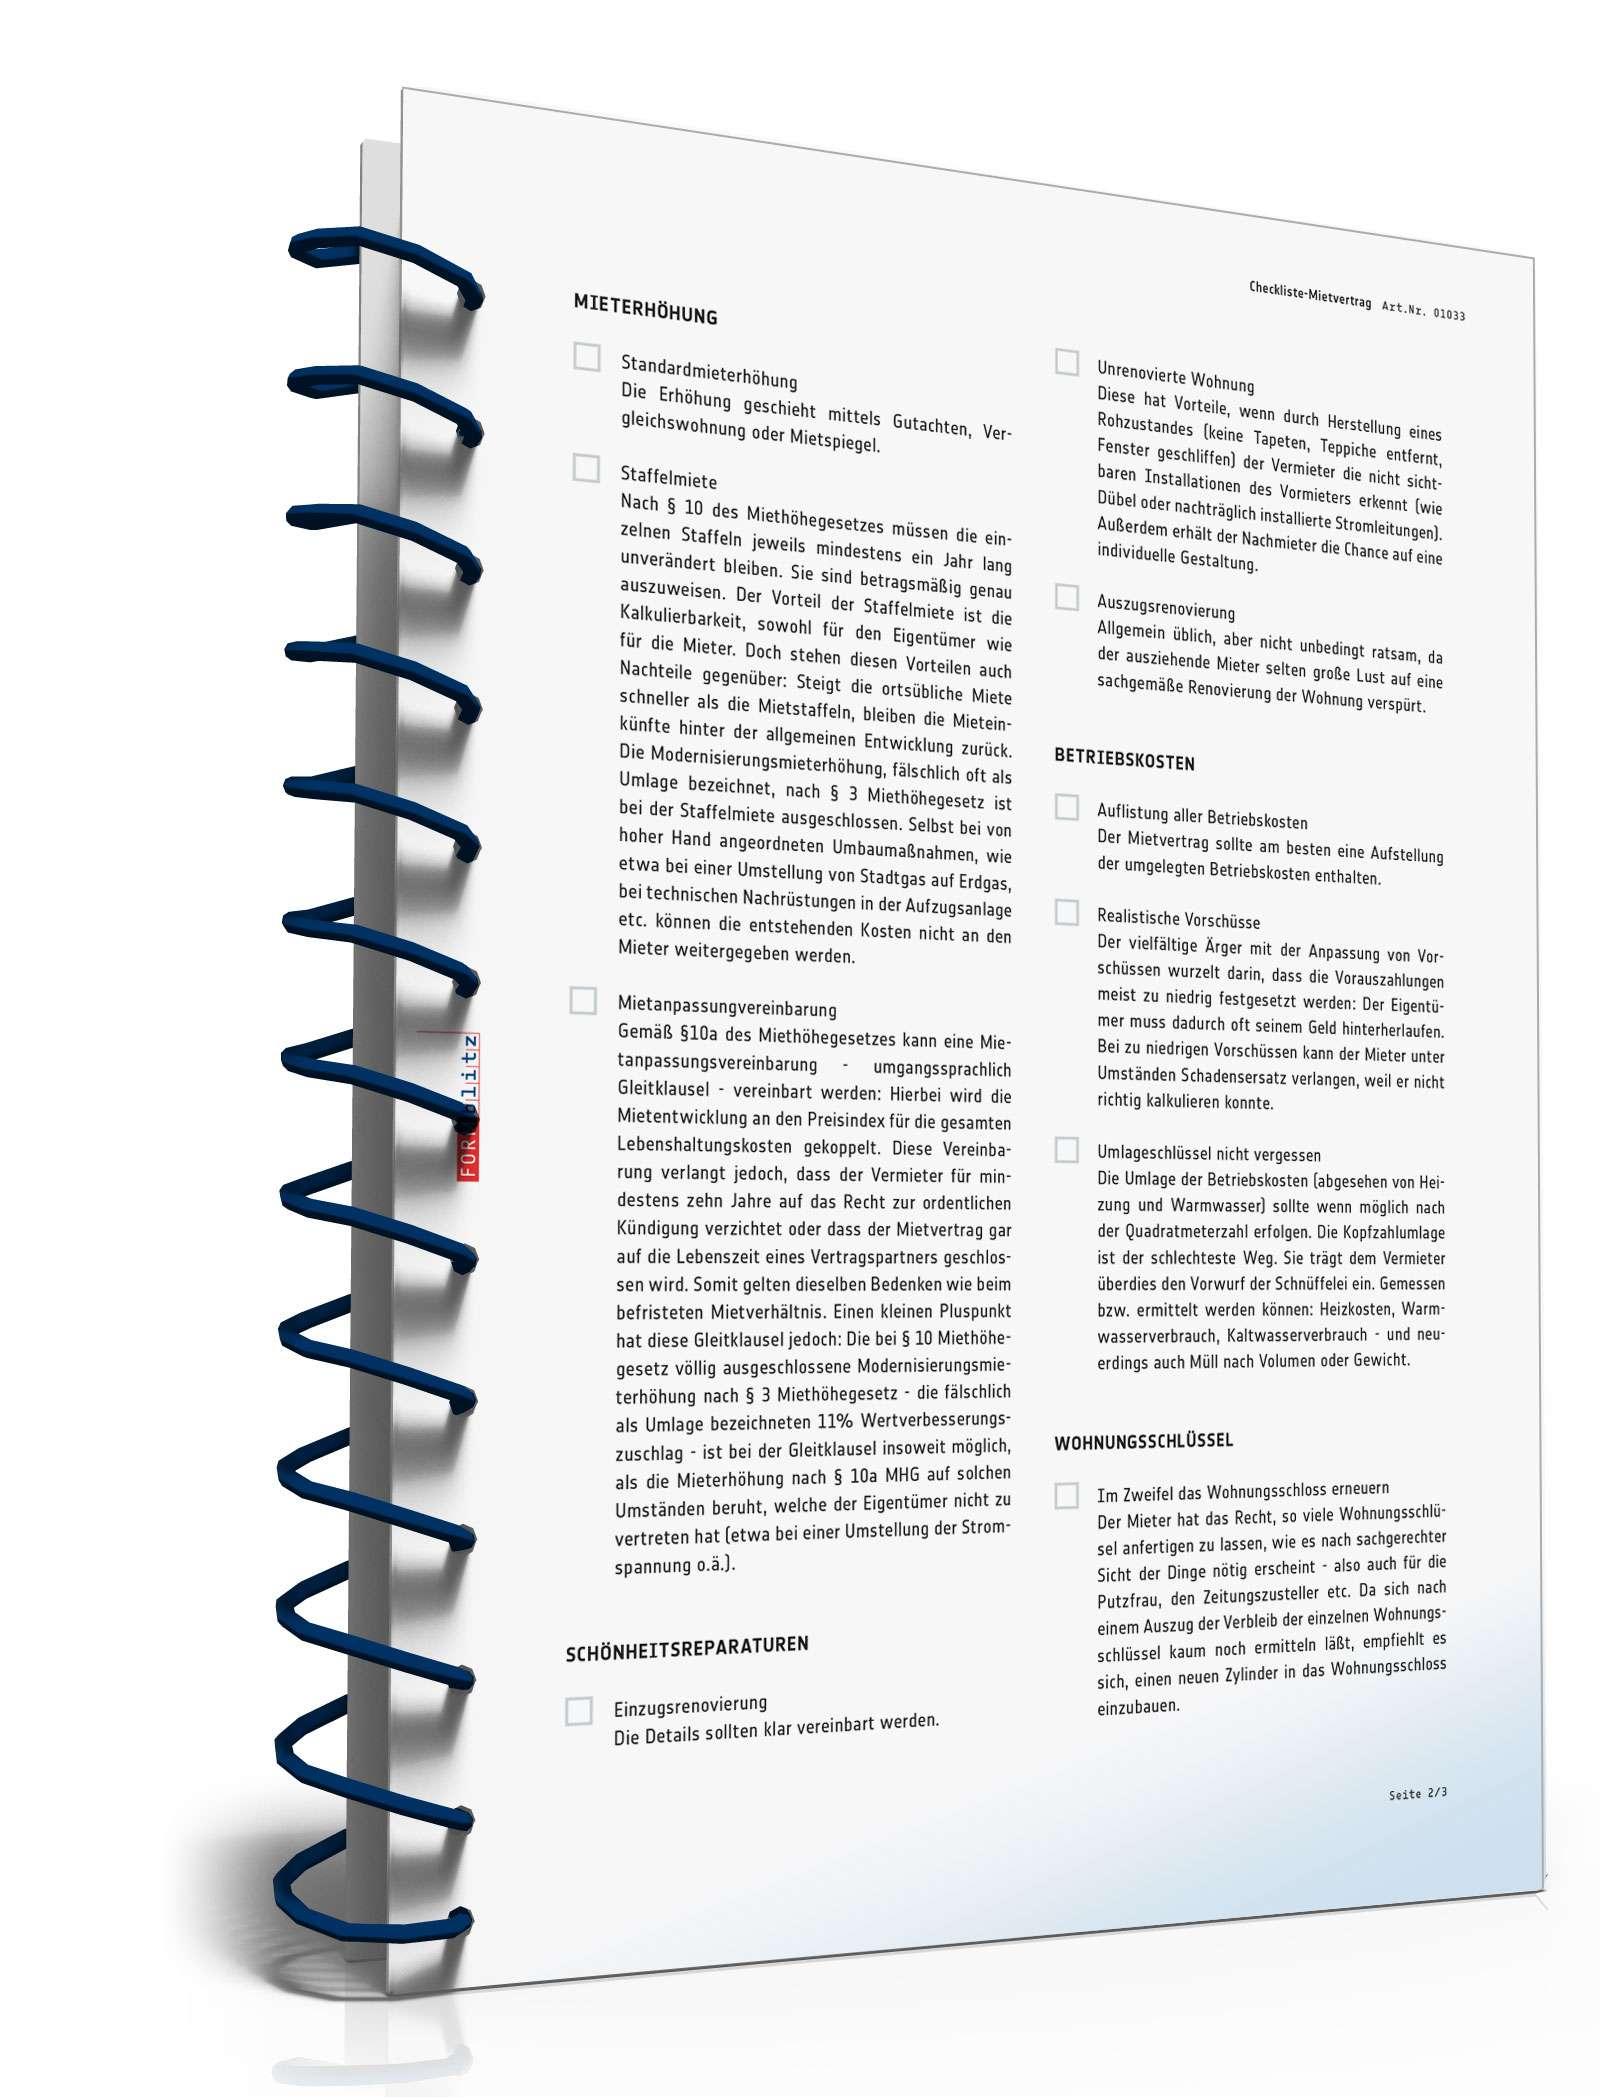 Checkliste Vermietung Vorlage Zum Download